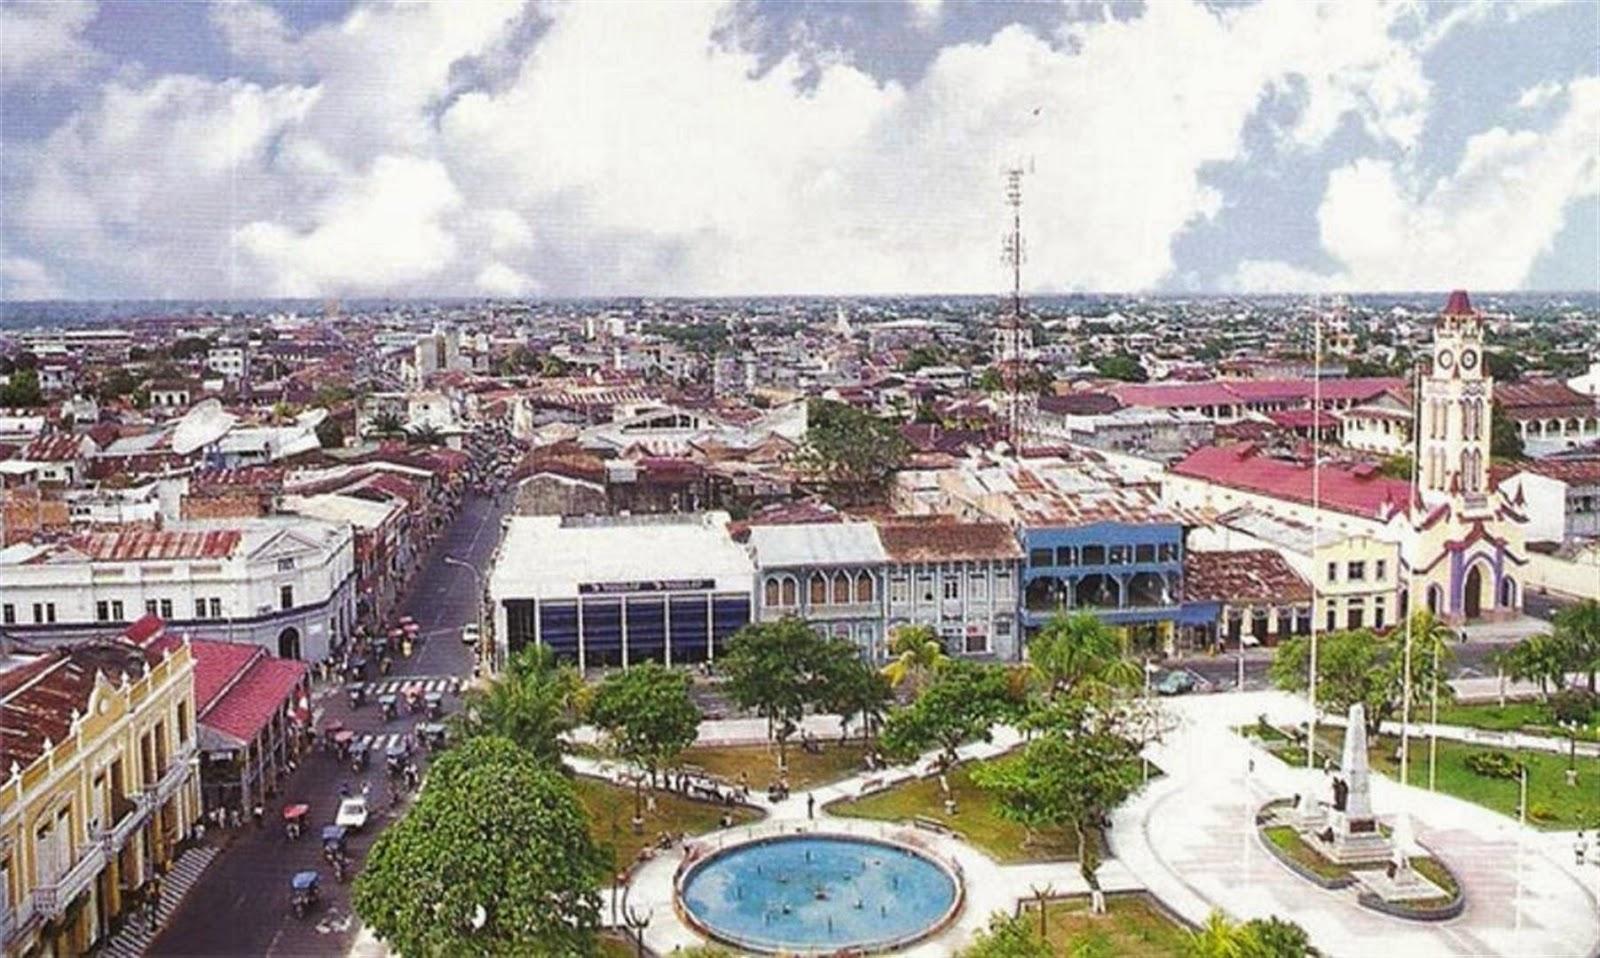 La ciudad de Iquitos en Perú